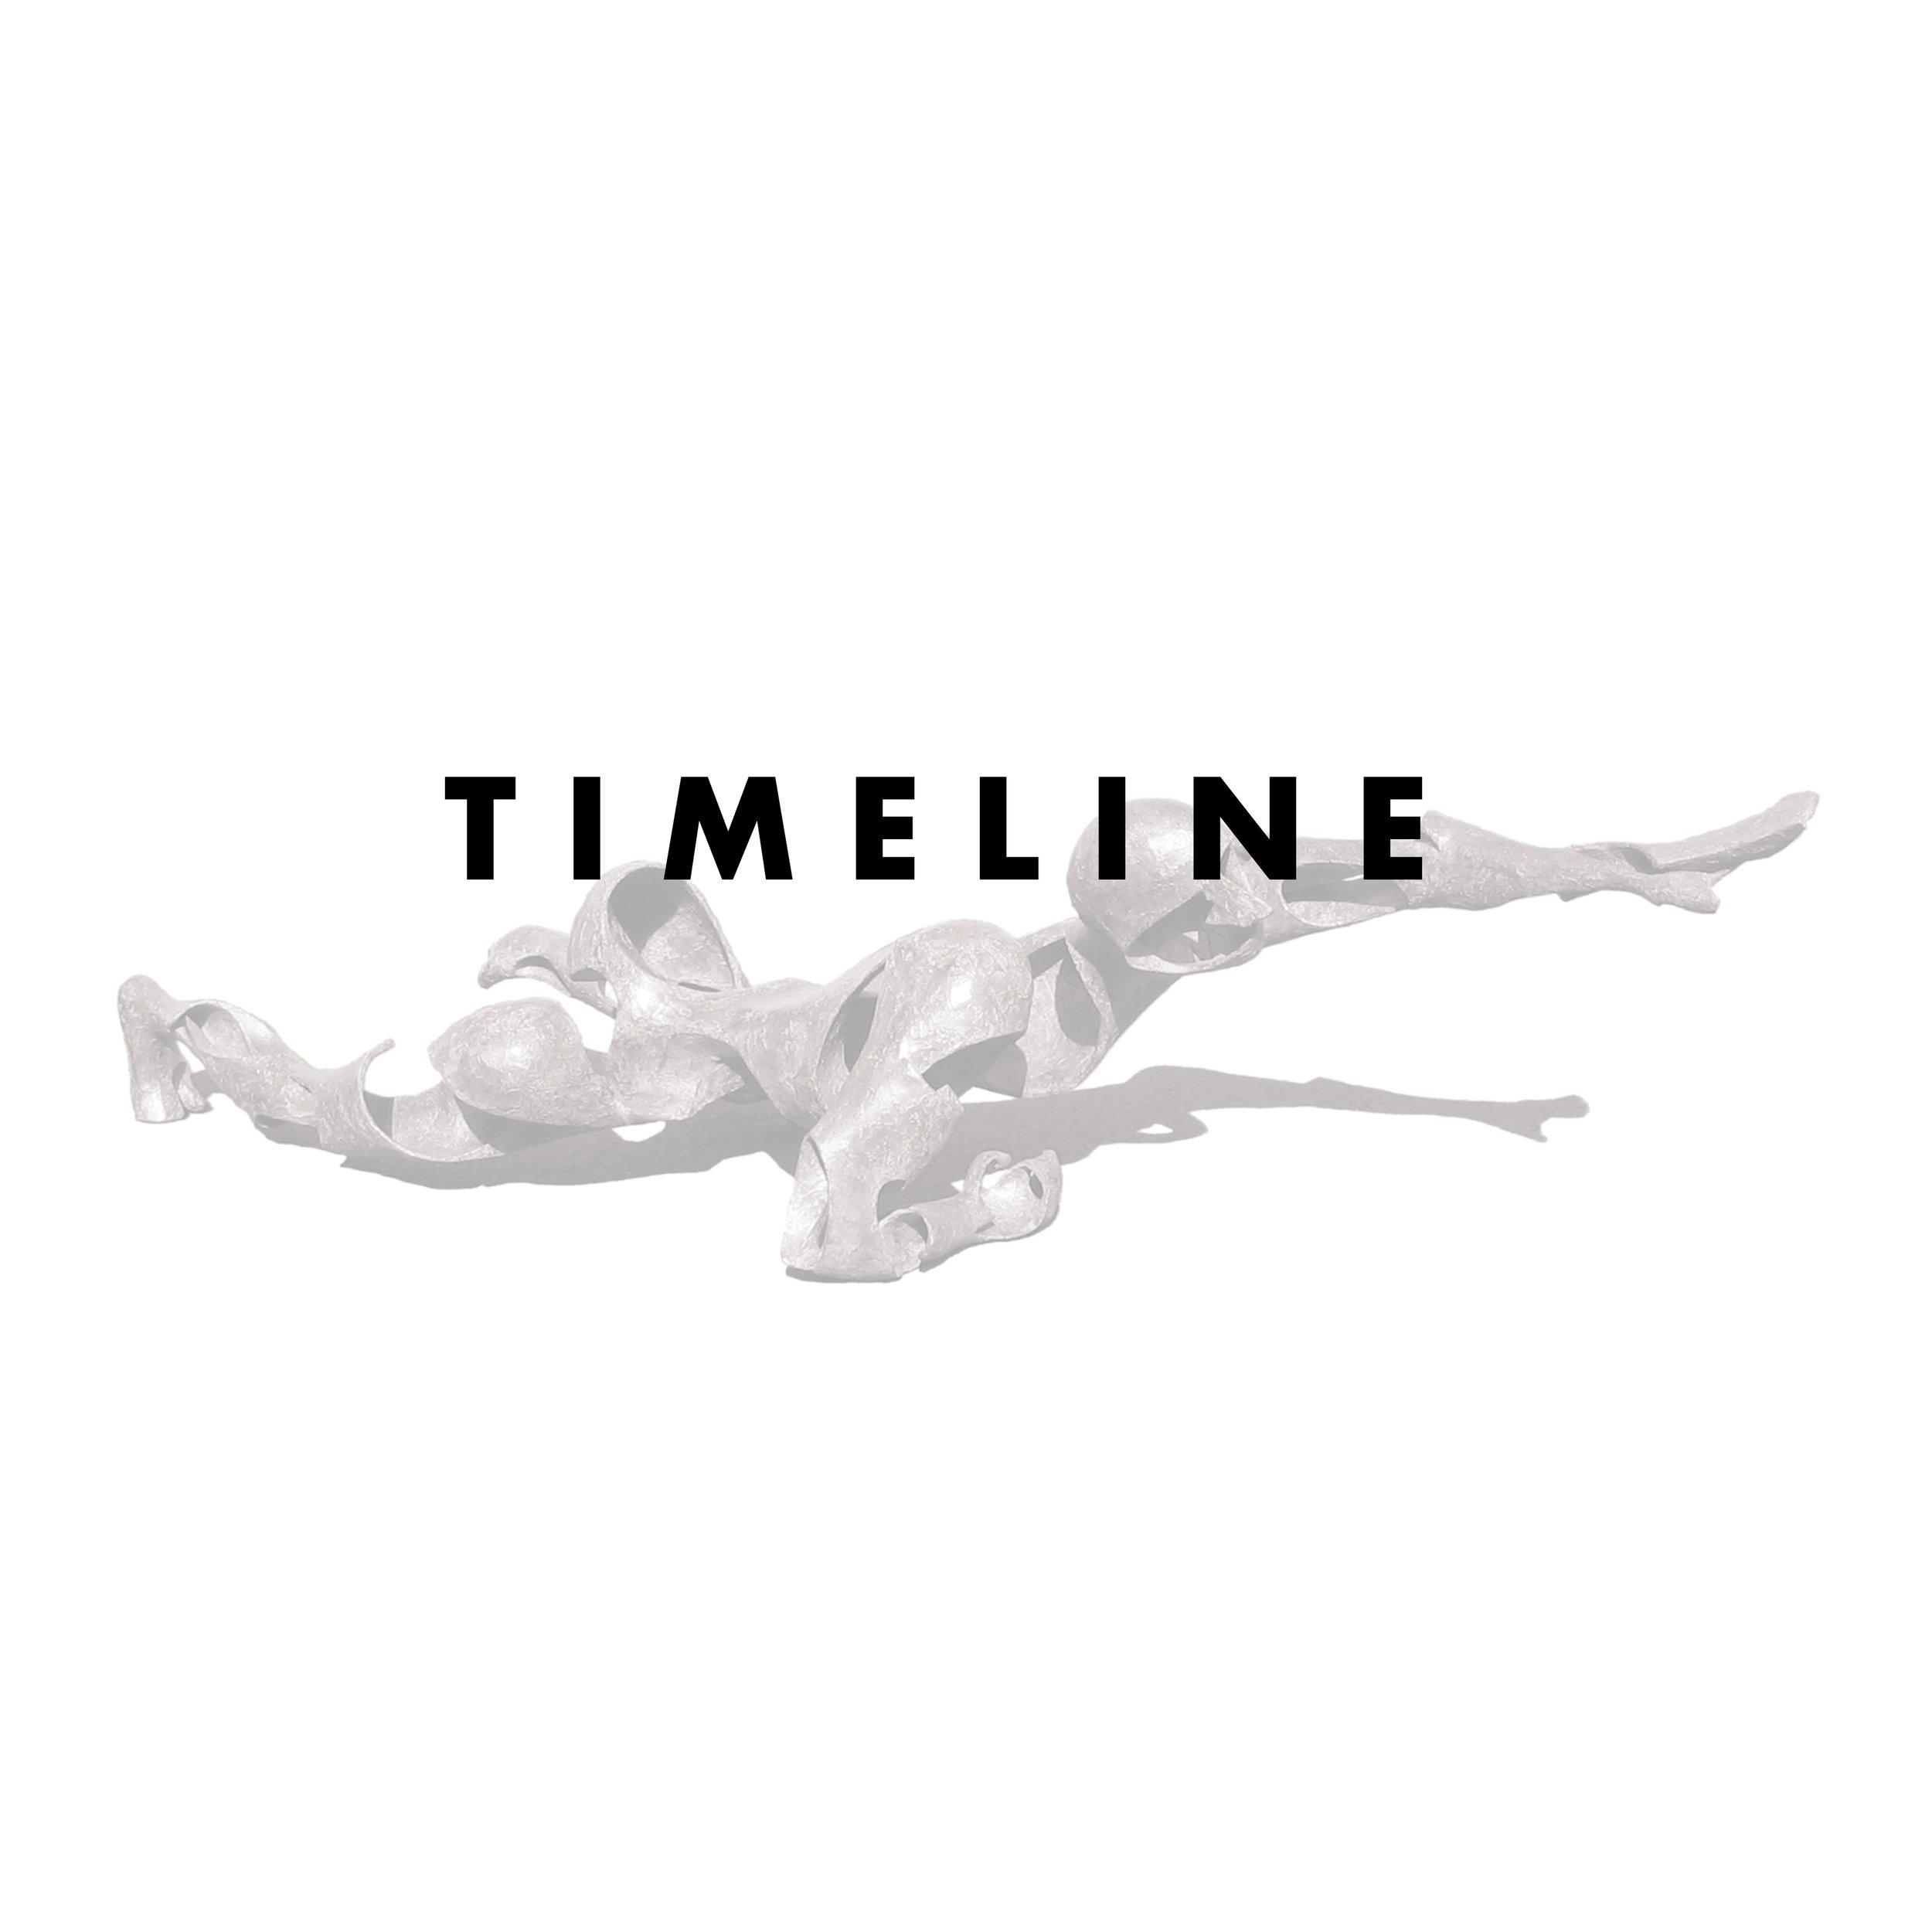 Timeline tile.jpg